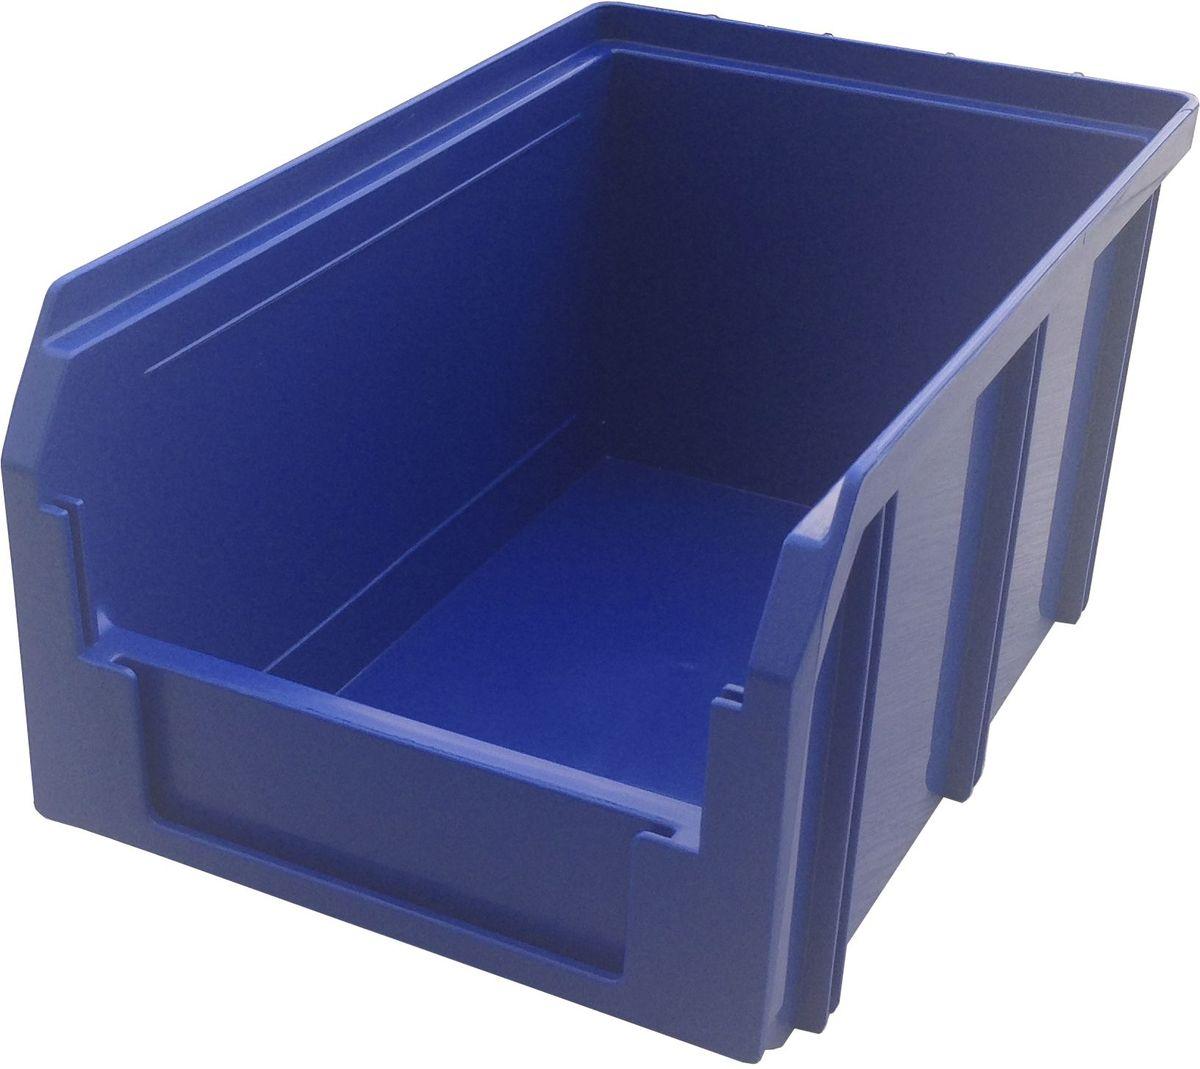 Ящик пластиковый Стелла V-2, цвет: синий, 23,4 х 14,9 х 12,1 смV-2 синийПластиковый ящик Стелла V-2 применяется на складах для организации мест хранения для различных мелочей, например: деталей, заготовок, комплектующих, крепежа, запчастей и многого другого. Ящик отличается высоким уровнем износостойкости, он полностью выполнен из ударопрочного пластика. Для быстрой идентификации нужного ящика в передней стенке предусмотрен карман для ярлыка с описанием содержимого.Особенности:Объем: 3,8 л. Возможность штабелирования контейнеров друг на друга. Удобные рукоятки. Наличие зацепа для размещения на стойке.